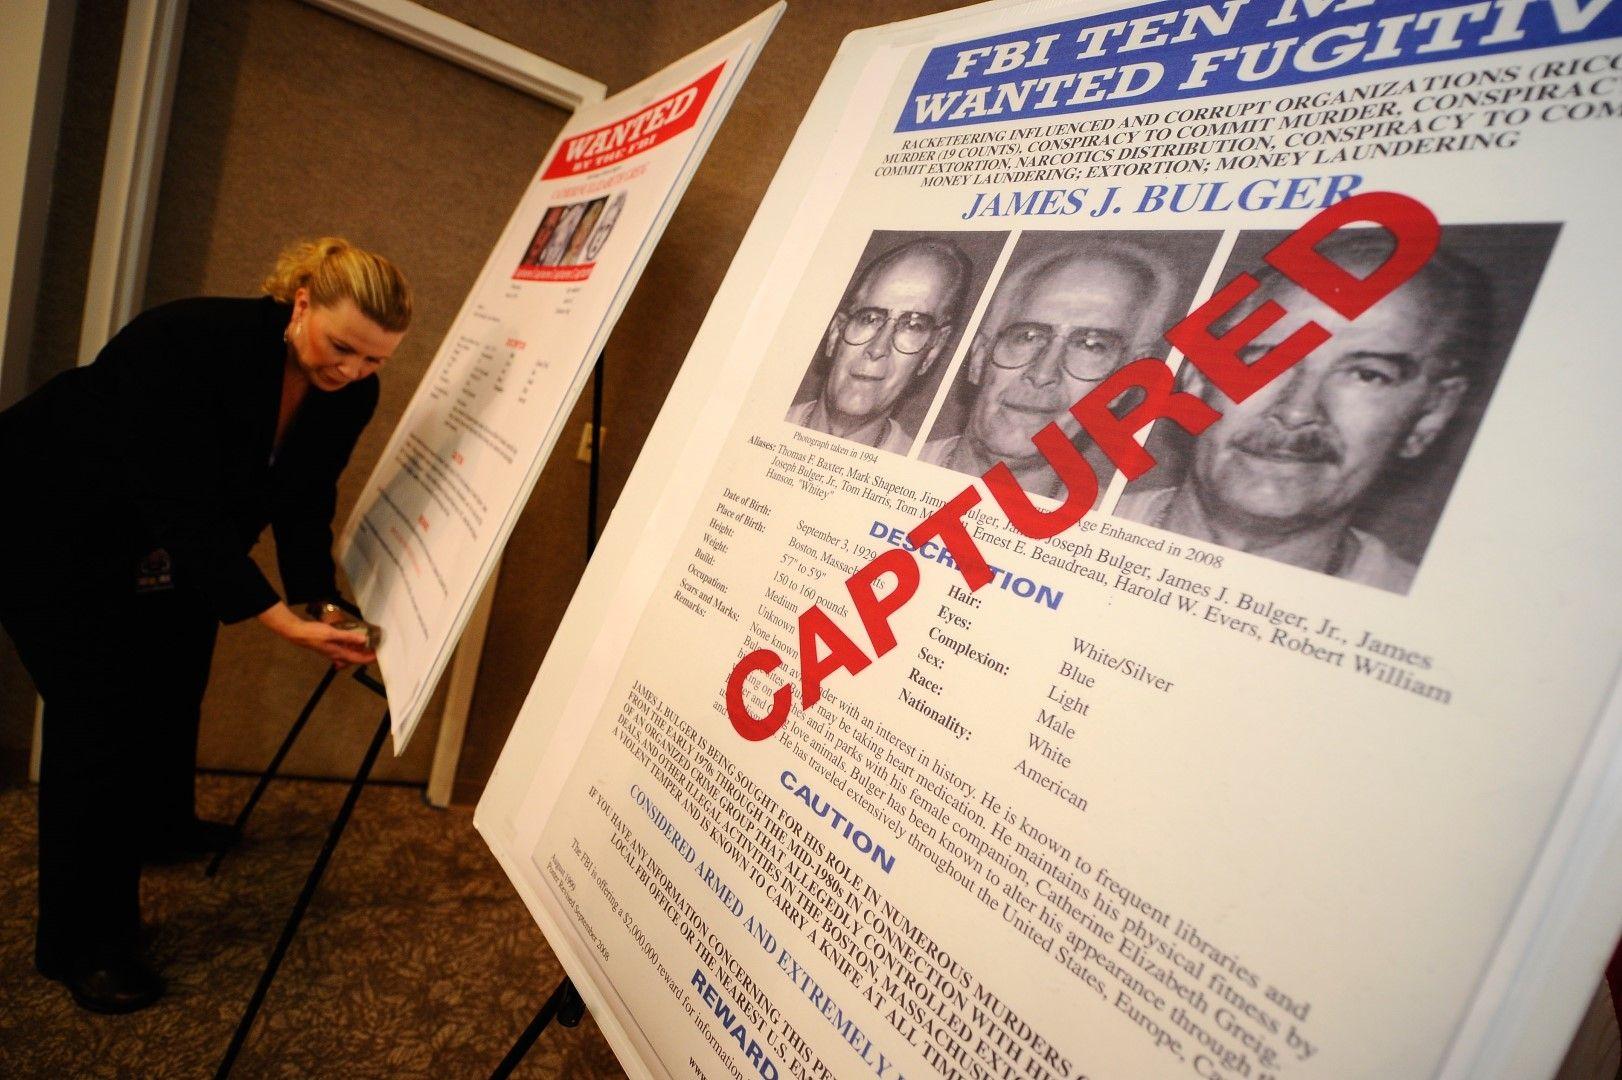 Джеймс Бълджър се укрива дълго от правосъдието, но беше разпознат от съседка и заловен през 2011 г.